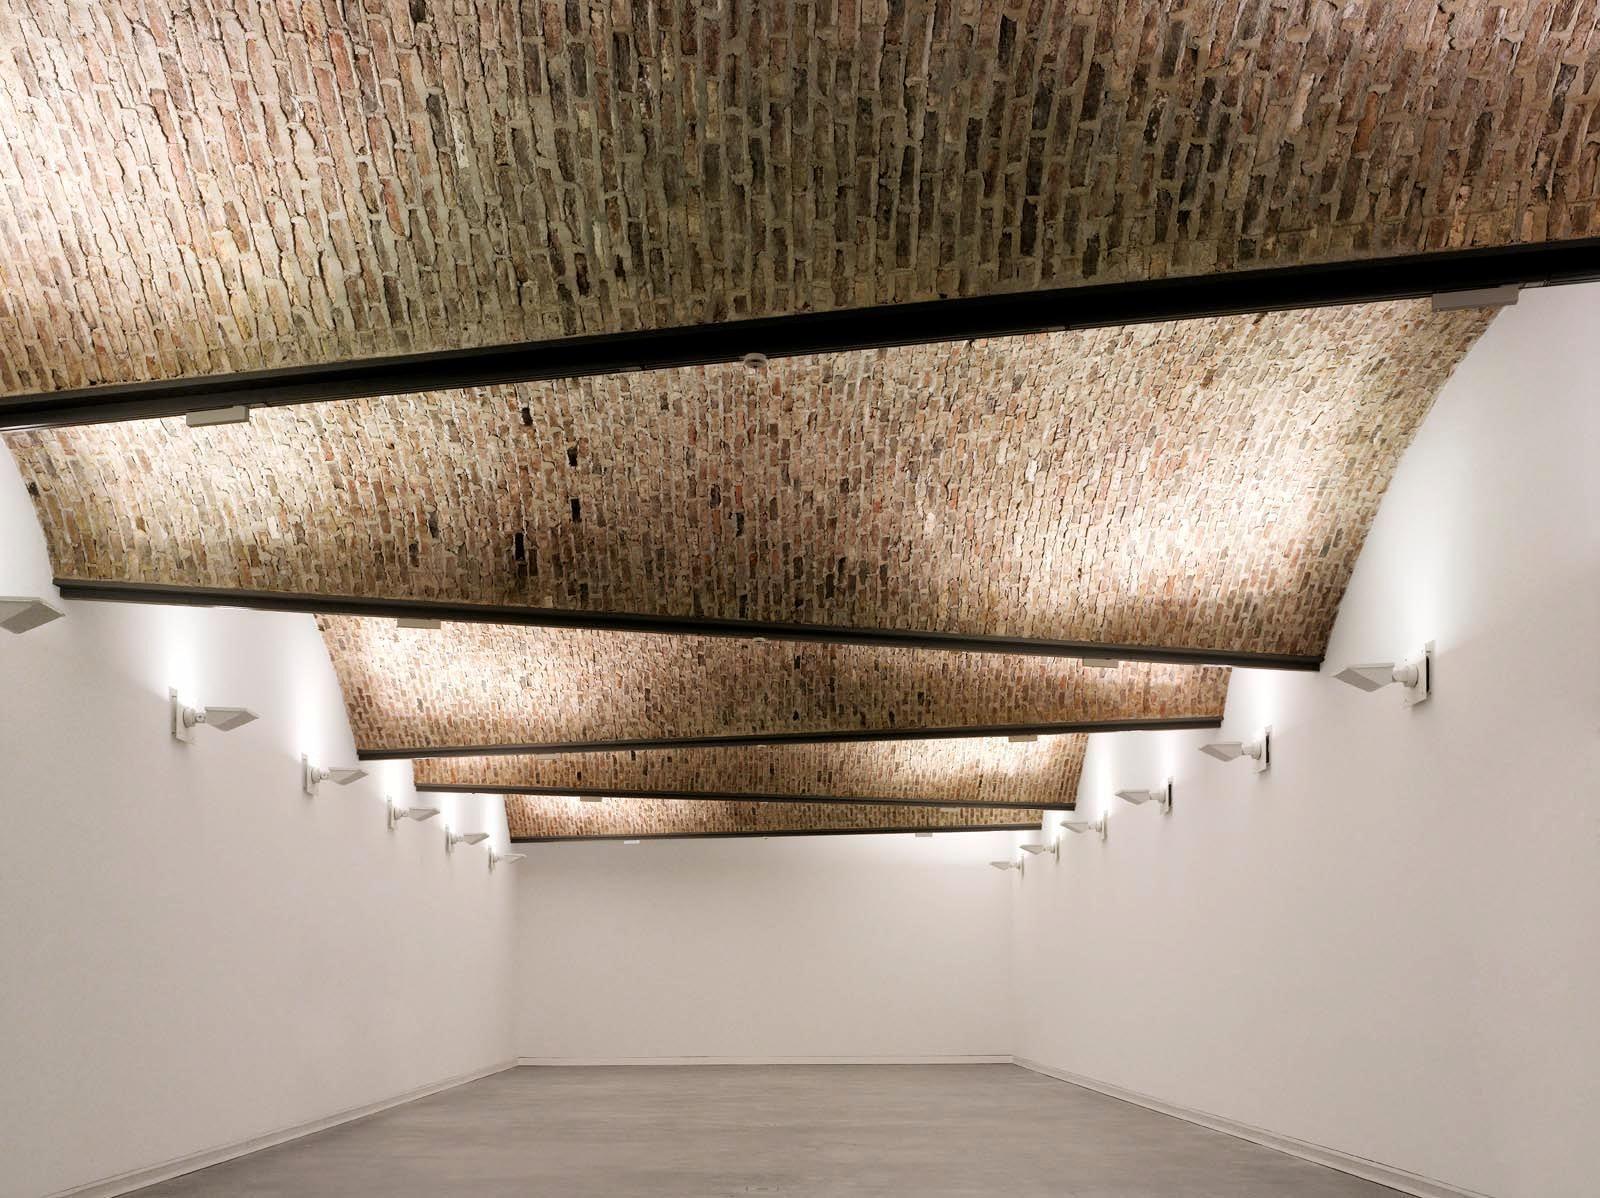 Architekten Ravensburg recyceltes ziegelmauerwerk kunstmuseum ravensburg lro fertig